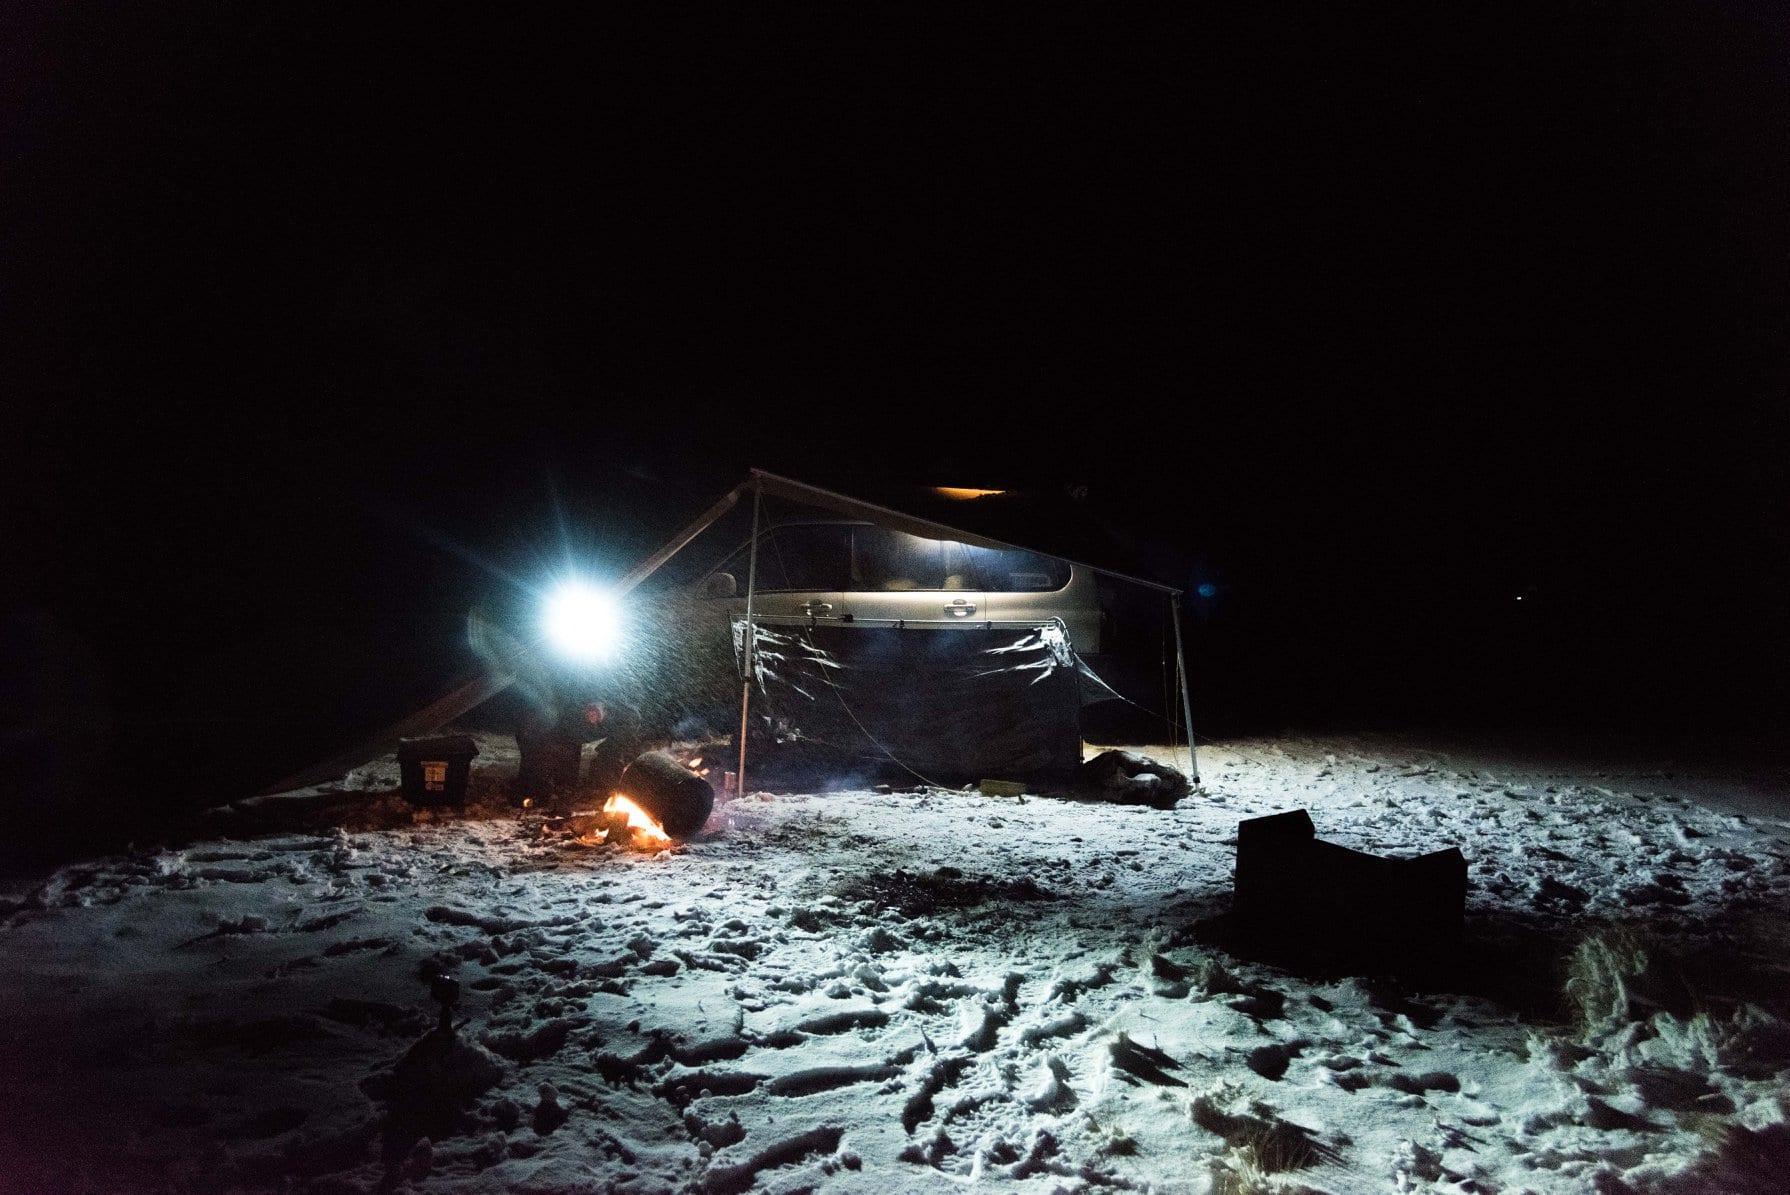 Campsite stolen!